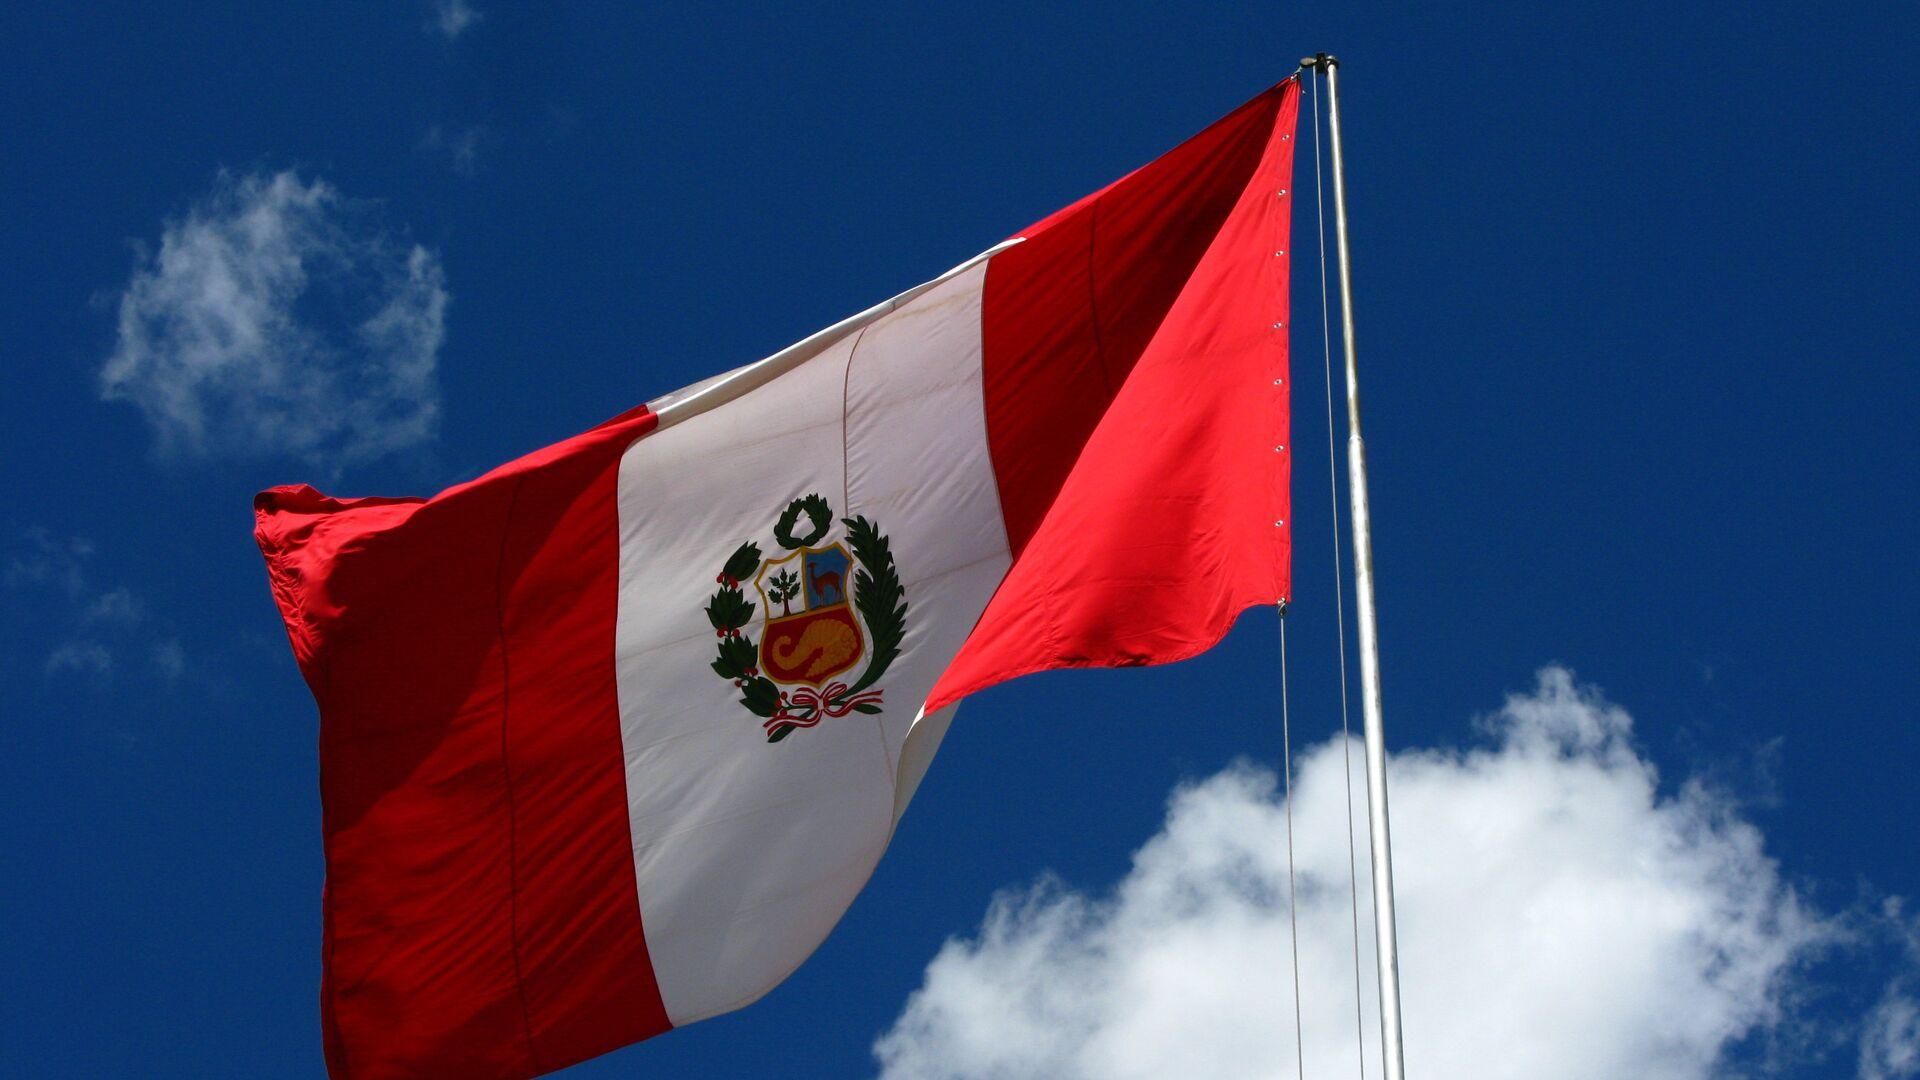 Bandera del Perú - Sputnik Mundo, 1920, 08.02.2021